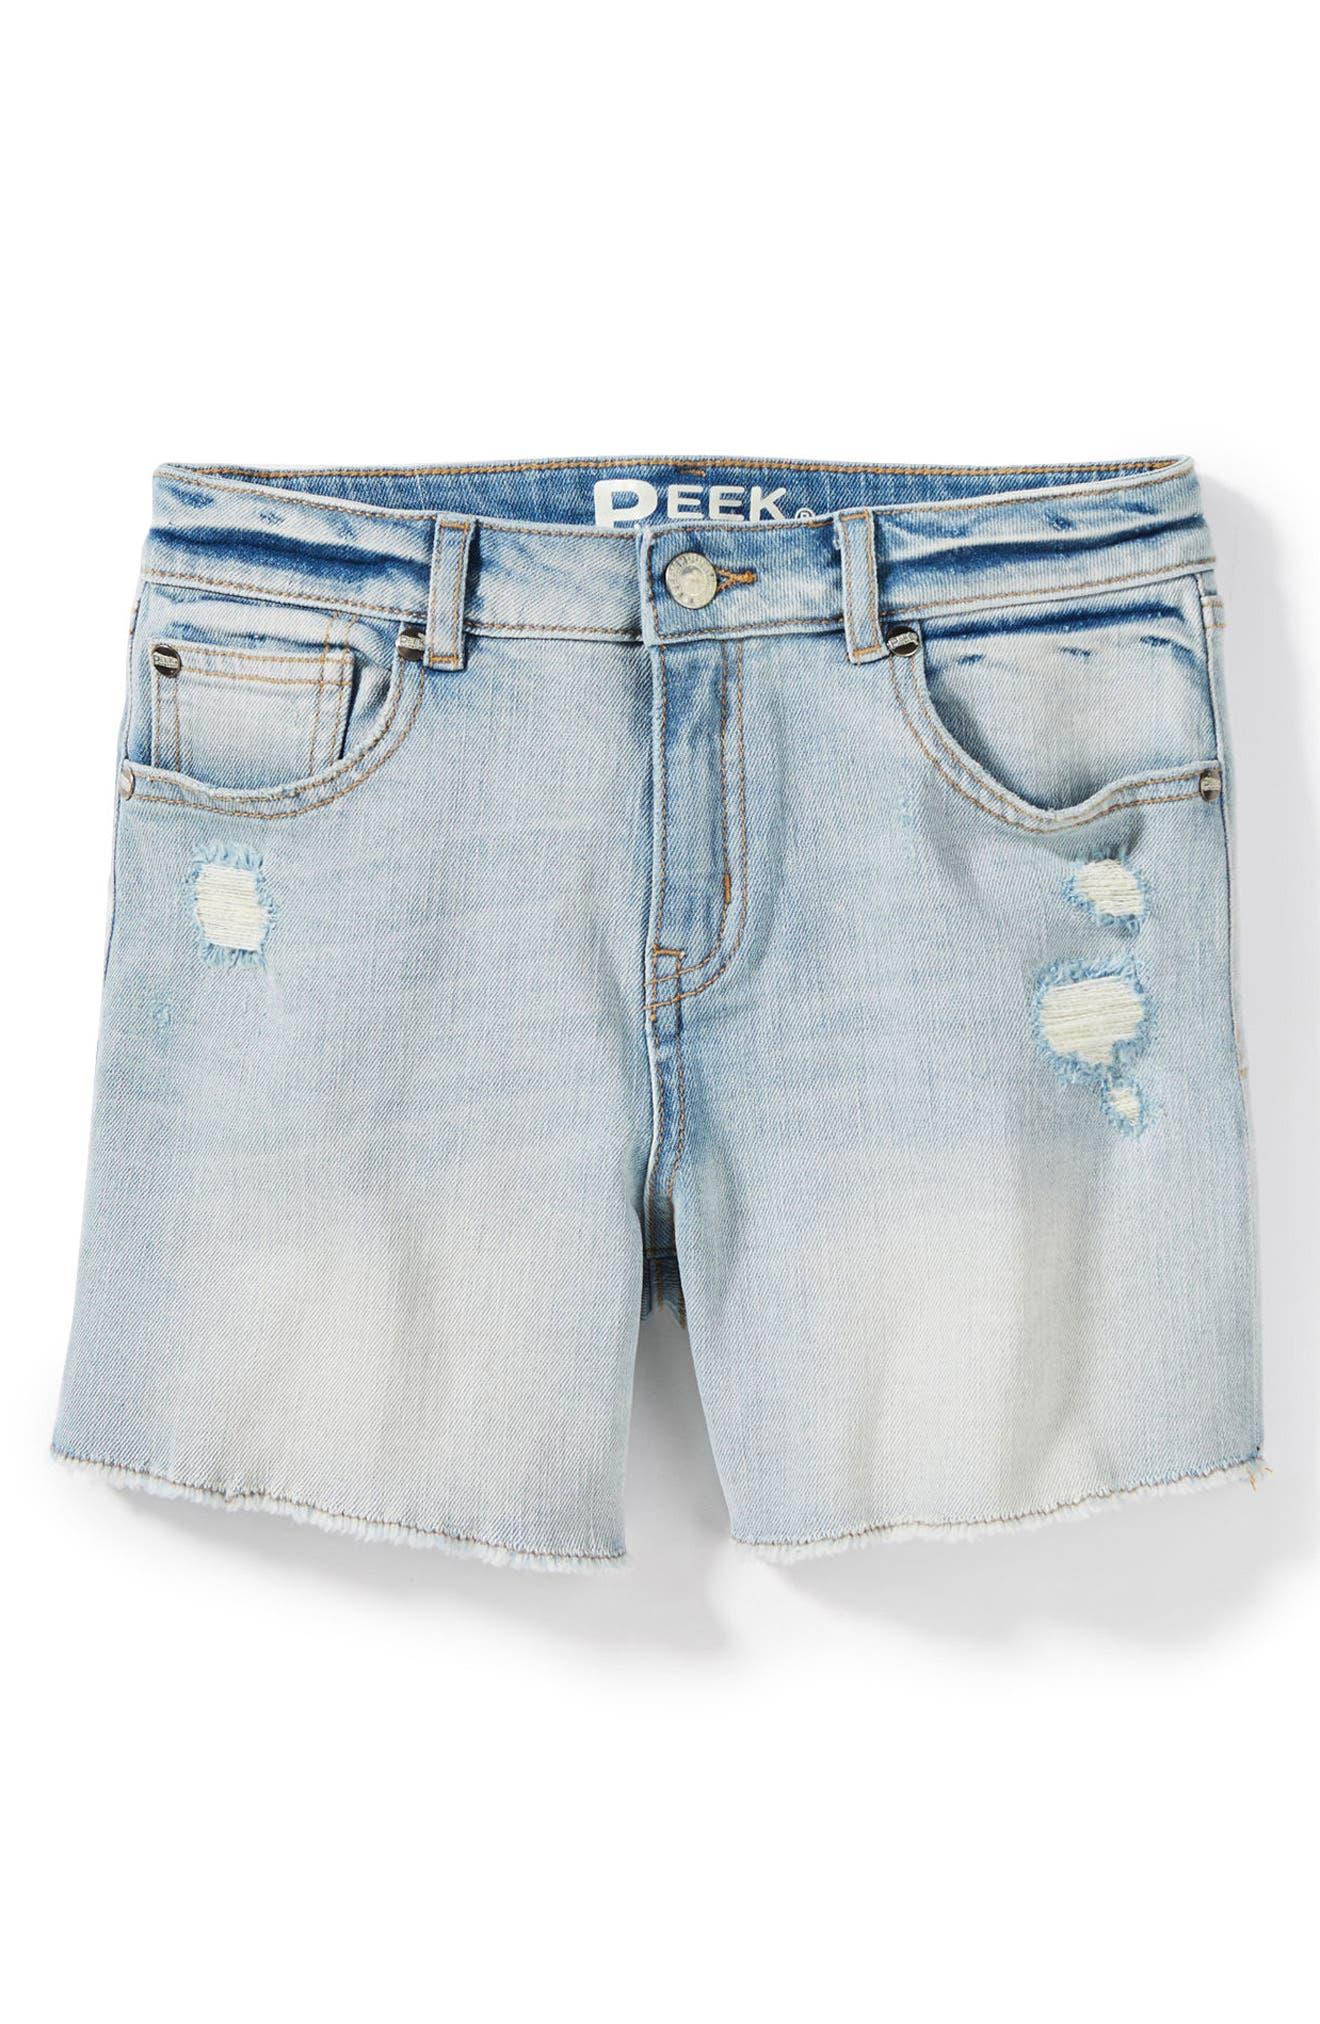 Griffin Rip & Repair Cutoff Denim Shorts,                         Main,                         color, Bleach